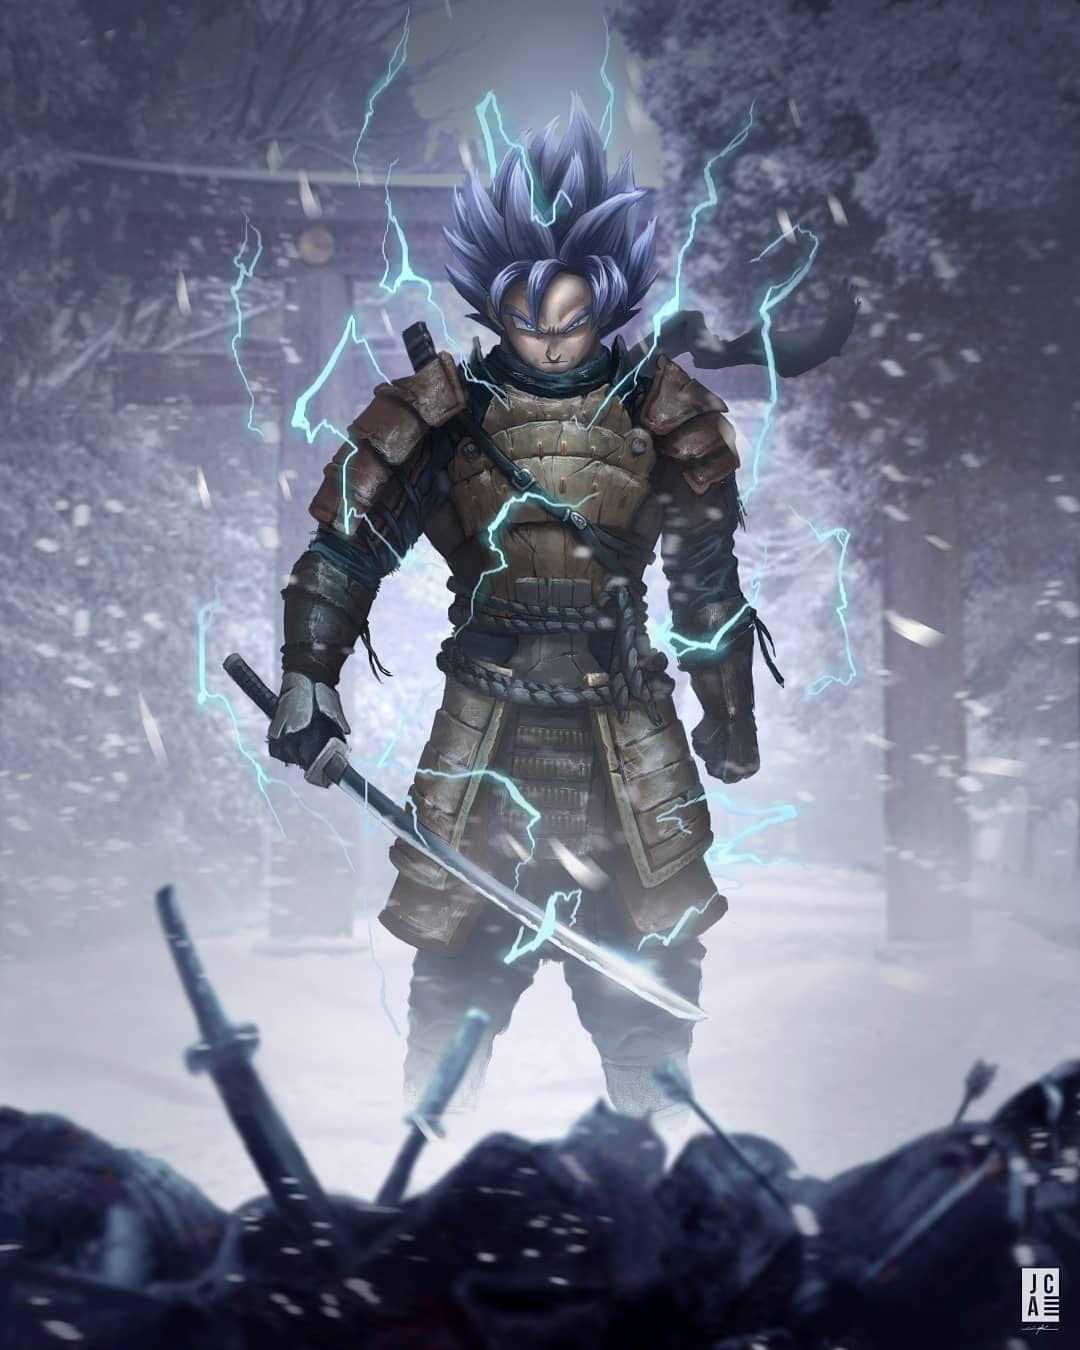 Jackson Caspersz Art On Instagram Samurai Goku I Love